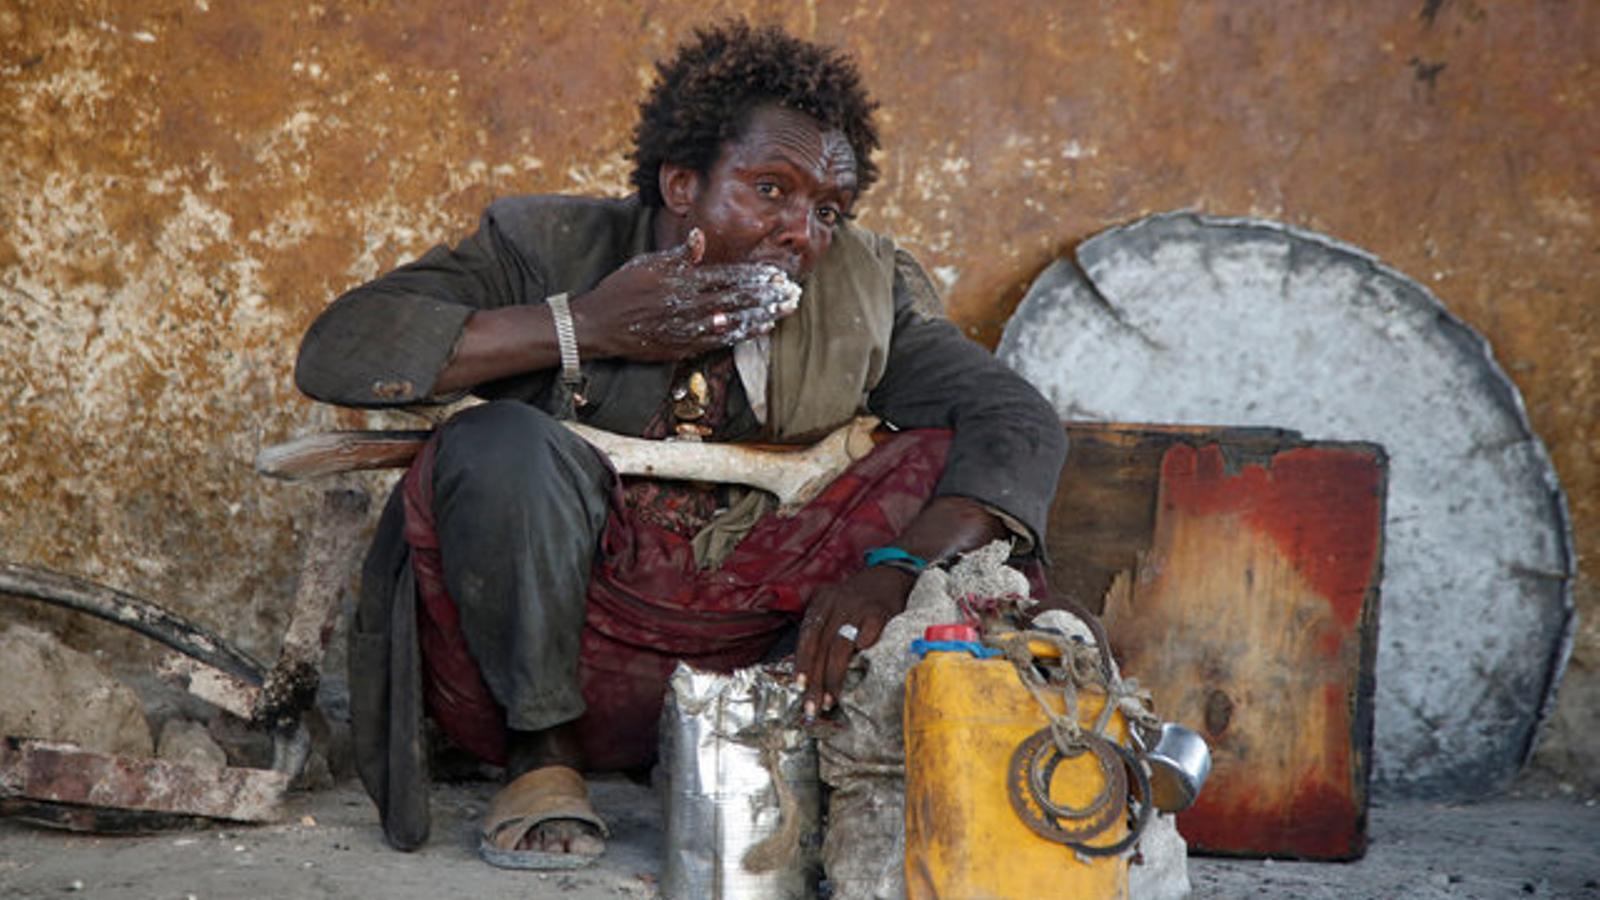 Un home menja unes farinetes al camp de desplaçats de Sorrdo, a Mogadiscio, la capital somali.